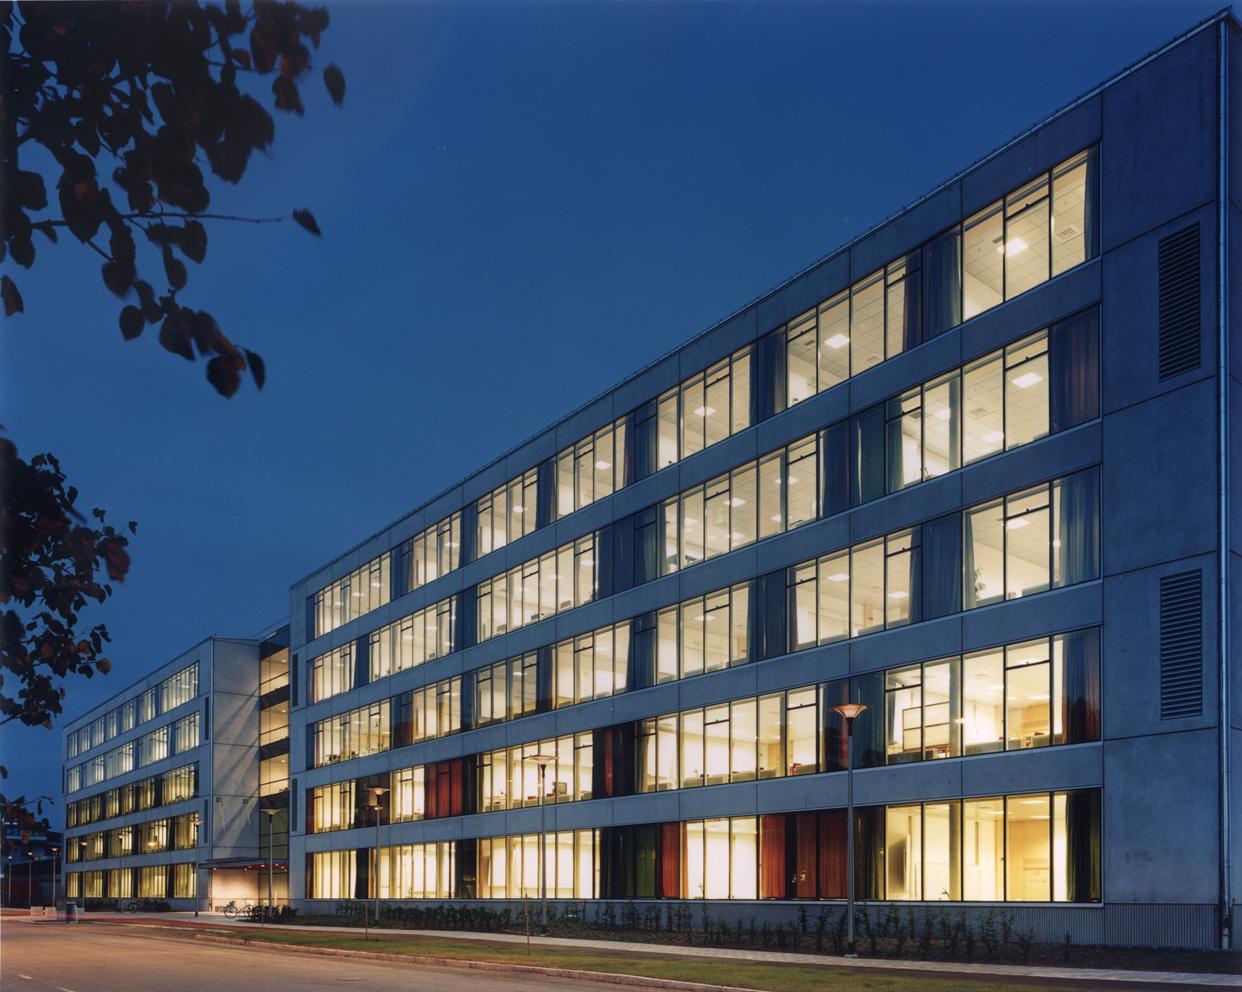 Zanderska_huset_nybyggnation_foto_fasad_natt_huddinge_stockholm_varg_arkitekter